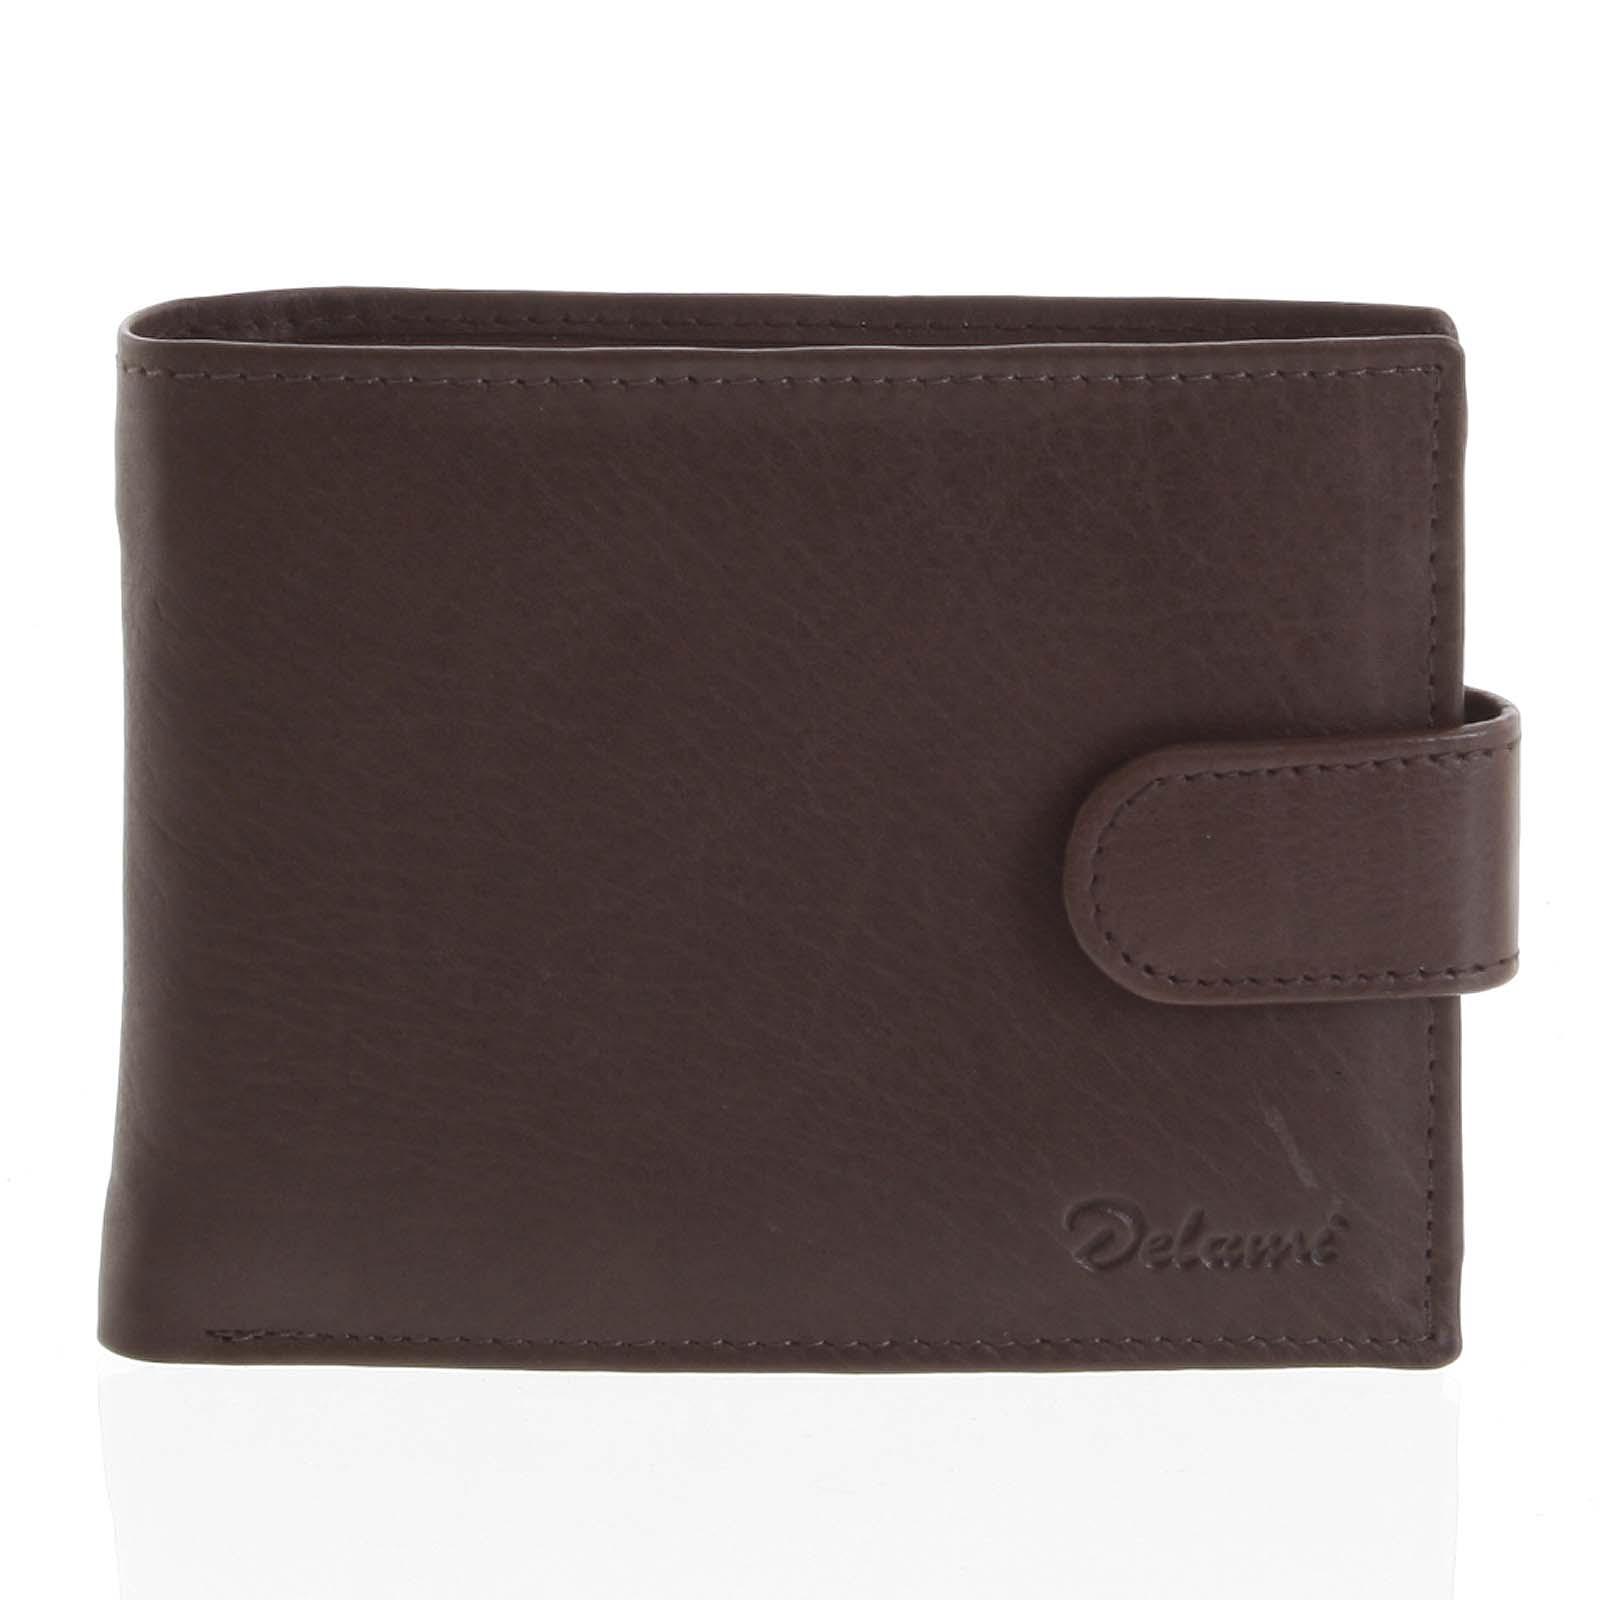 Kožená peněženka hnědá - Delami 8693